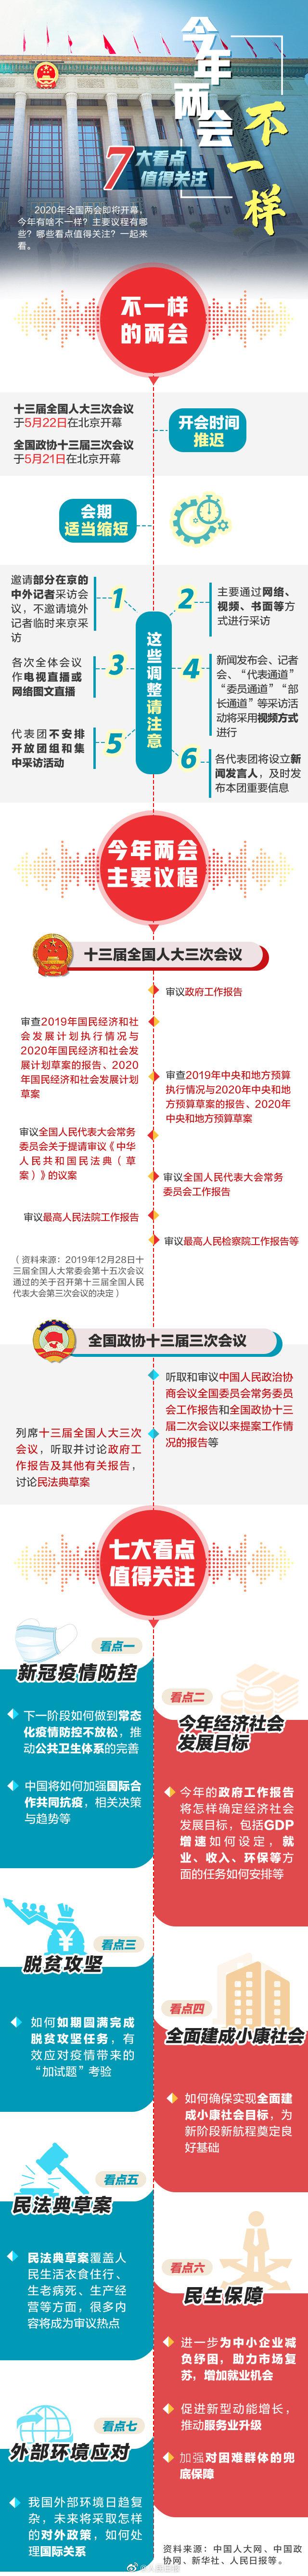 2020全国两会7大看点提前看-中国网地产